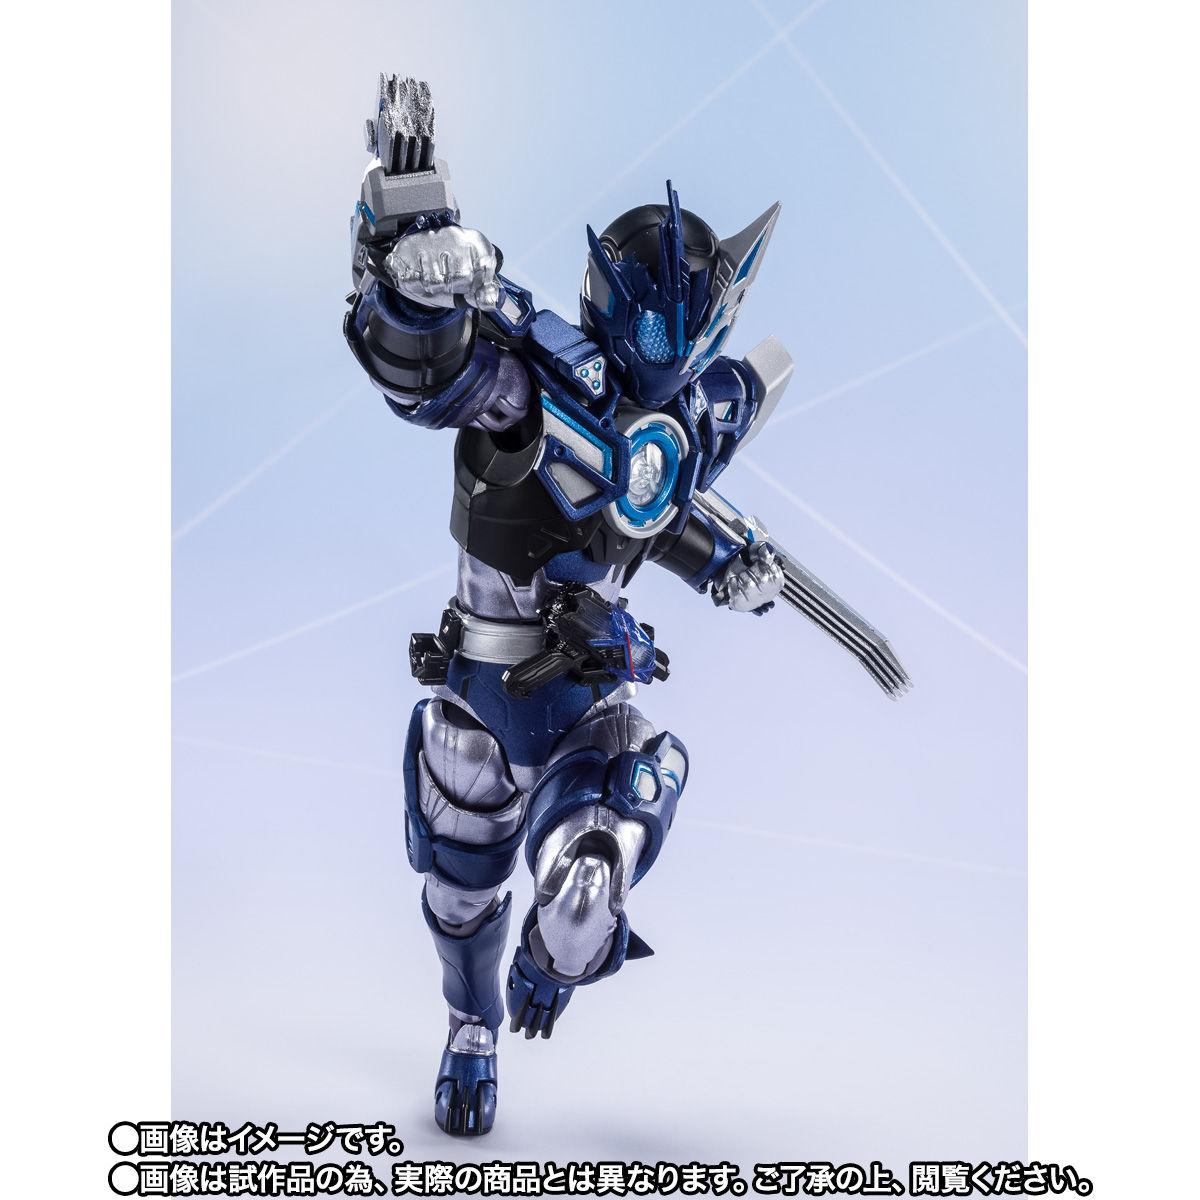 【限定販売】S.H.Figuarts『仮面ライダーオルトロスバルカン』可動フィギュア-004